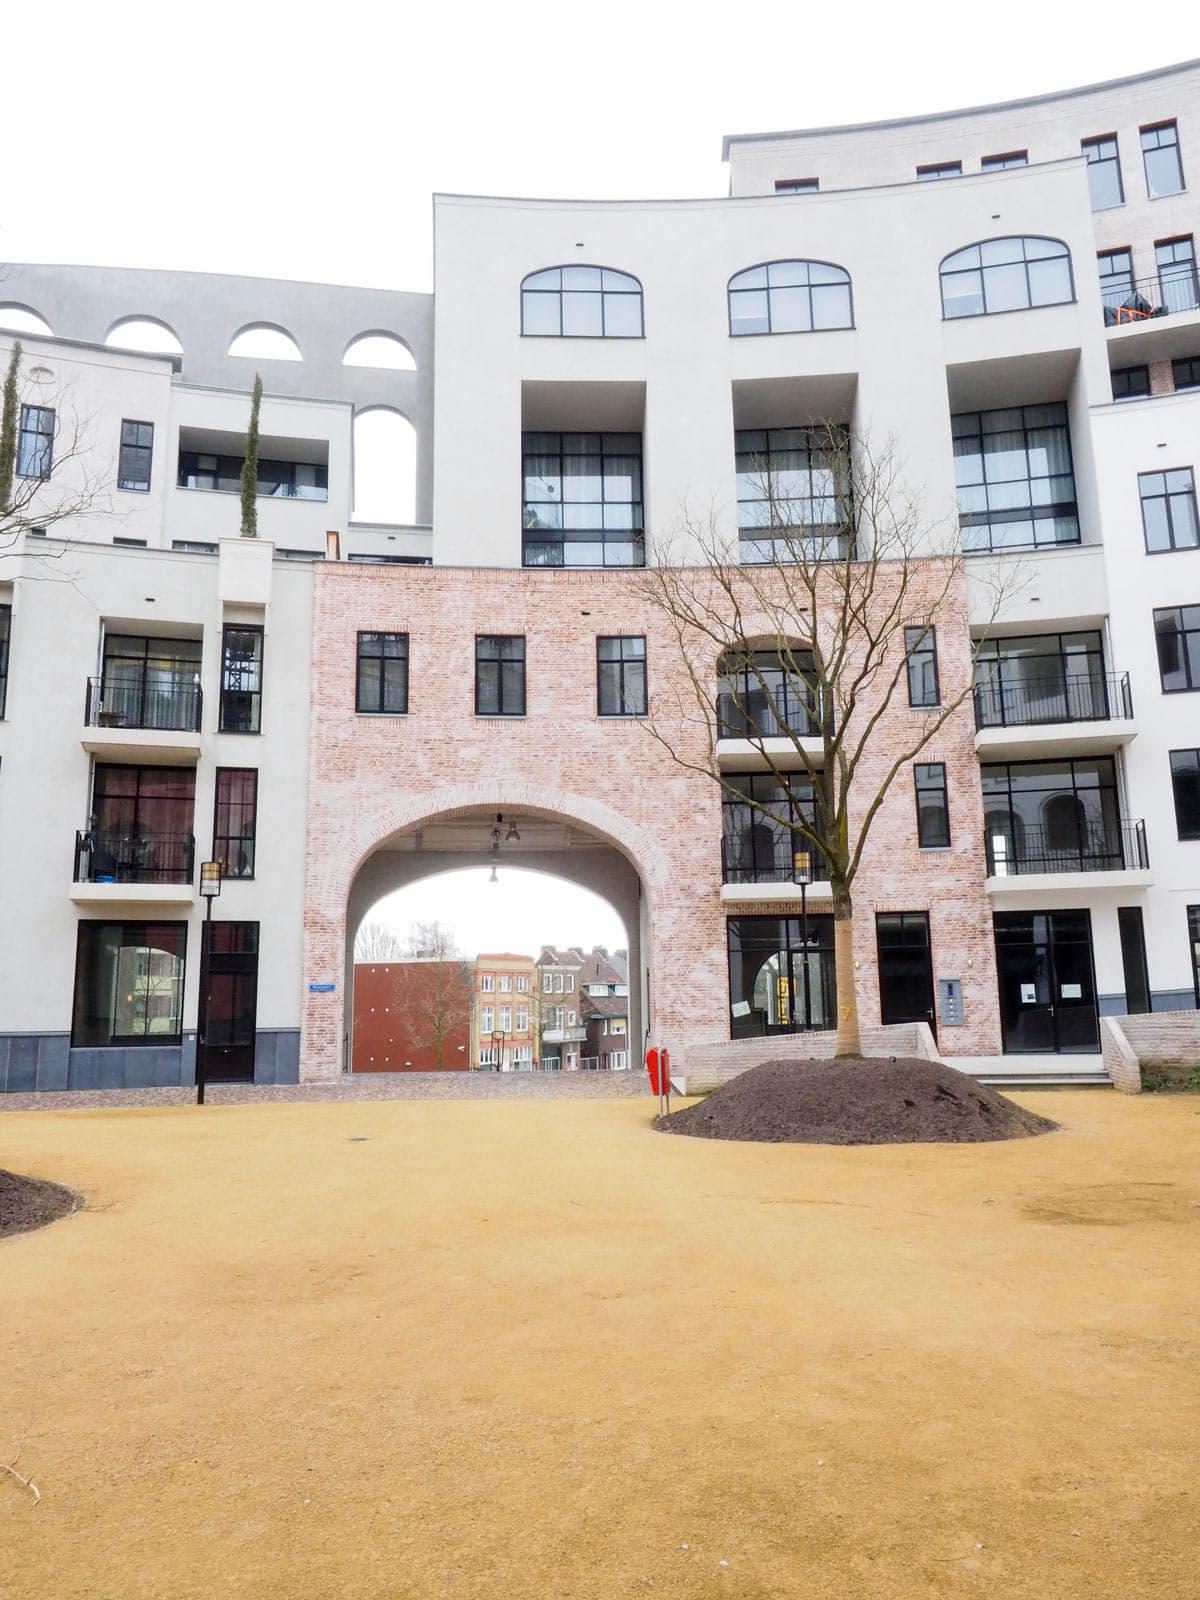 Zicht op een halfronde rij witte gebouwen met een rode poort in het midden en een boom ervoor